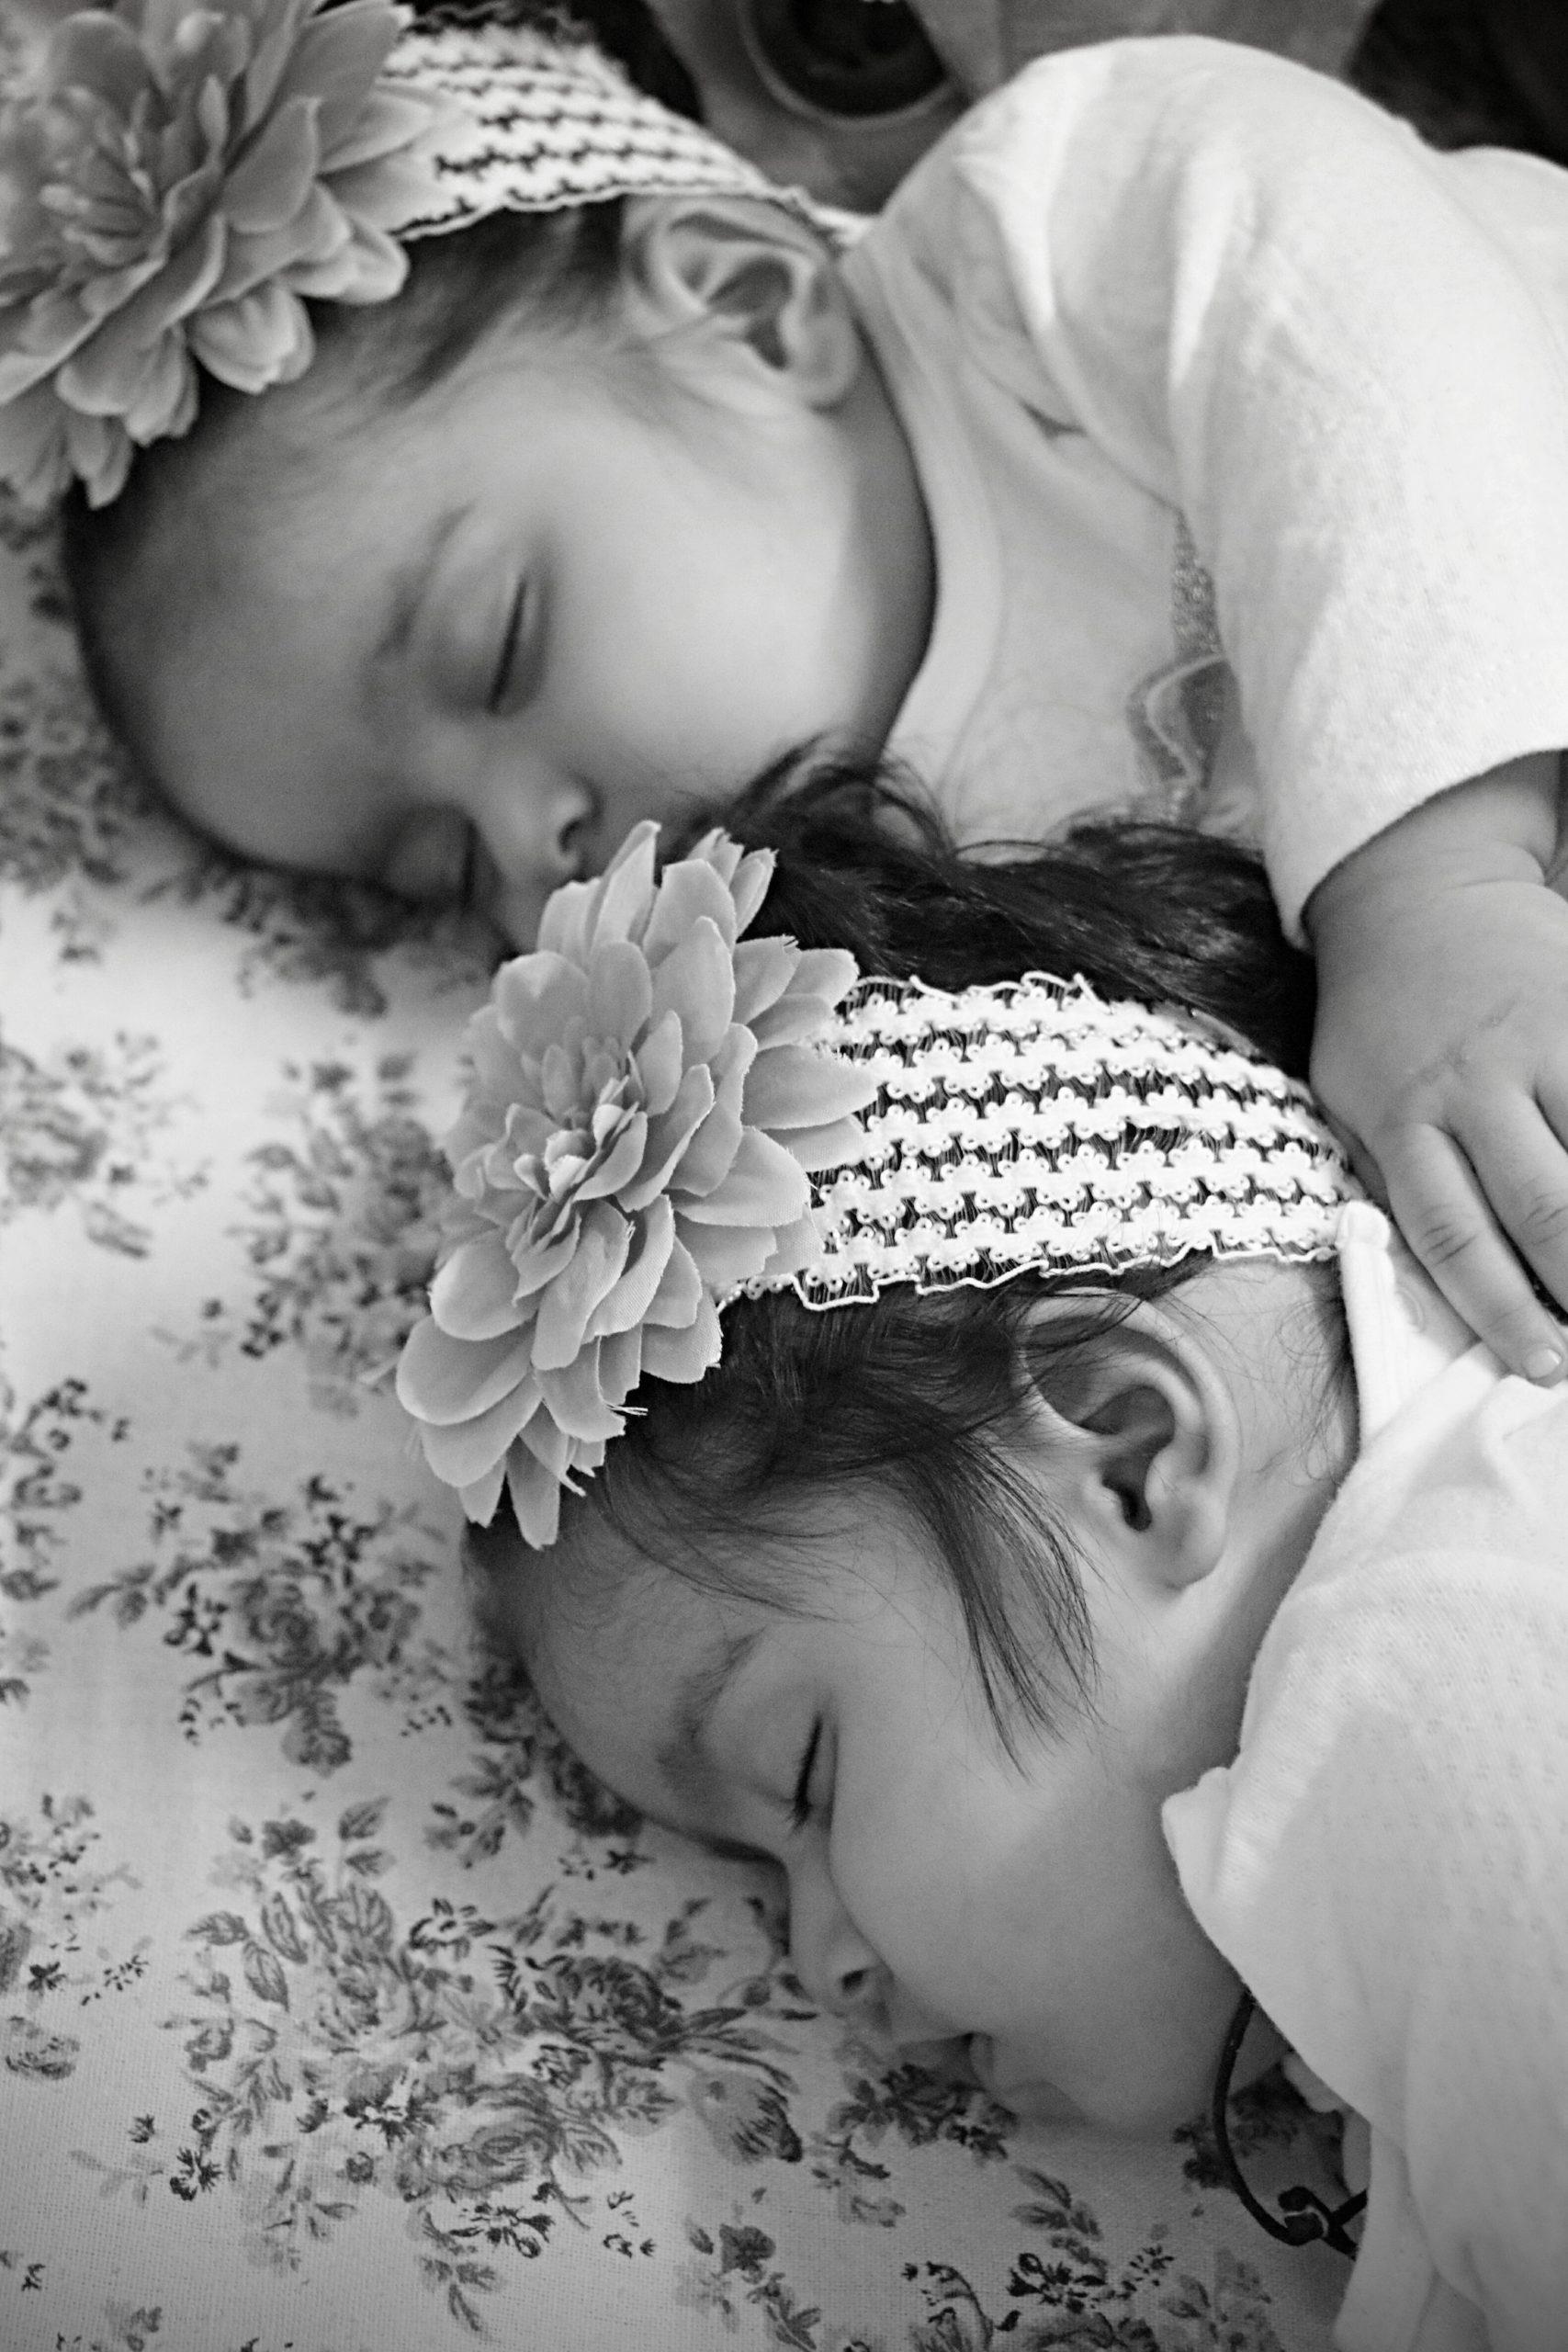 Little twin girl sleeping